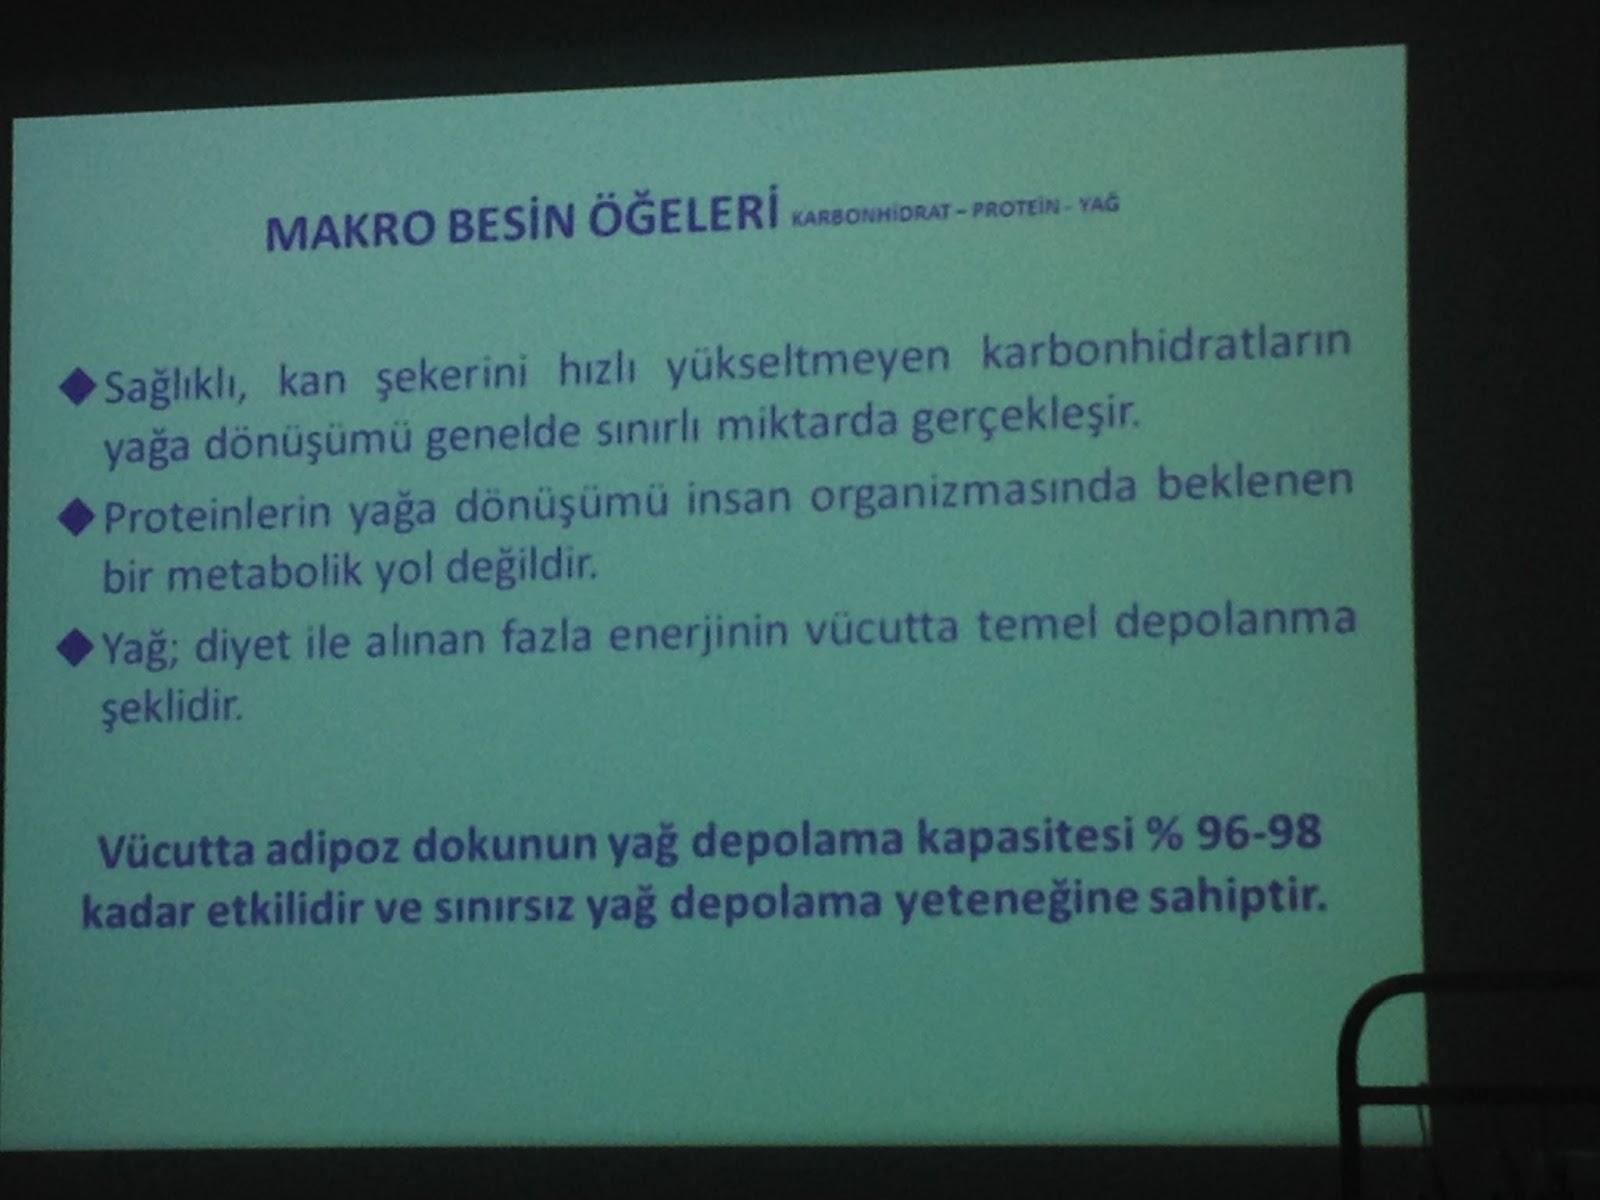 Türkiye'ye Özgü En Sağlıklı Diyet